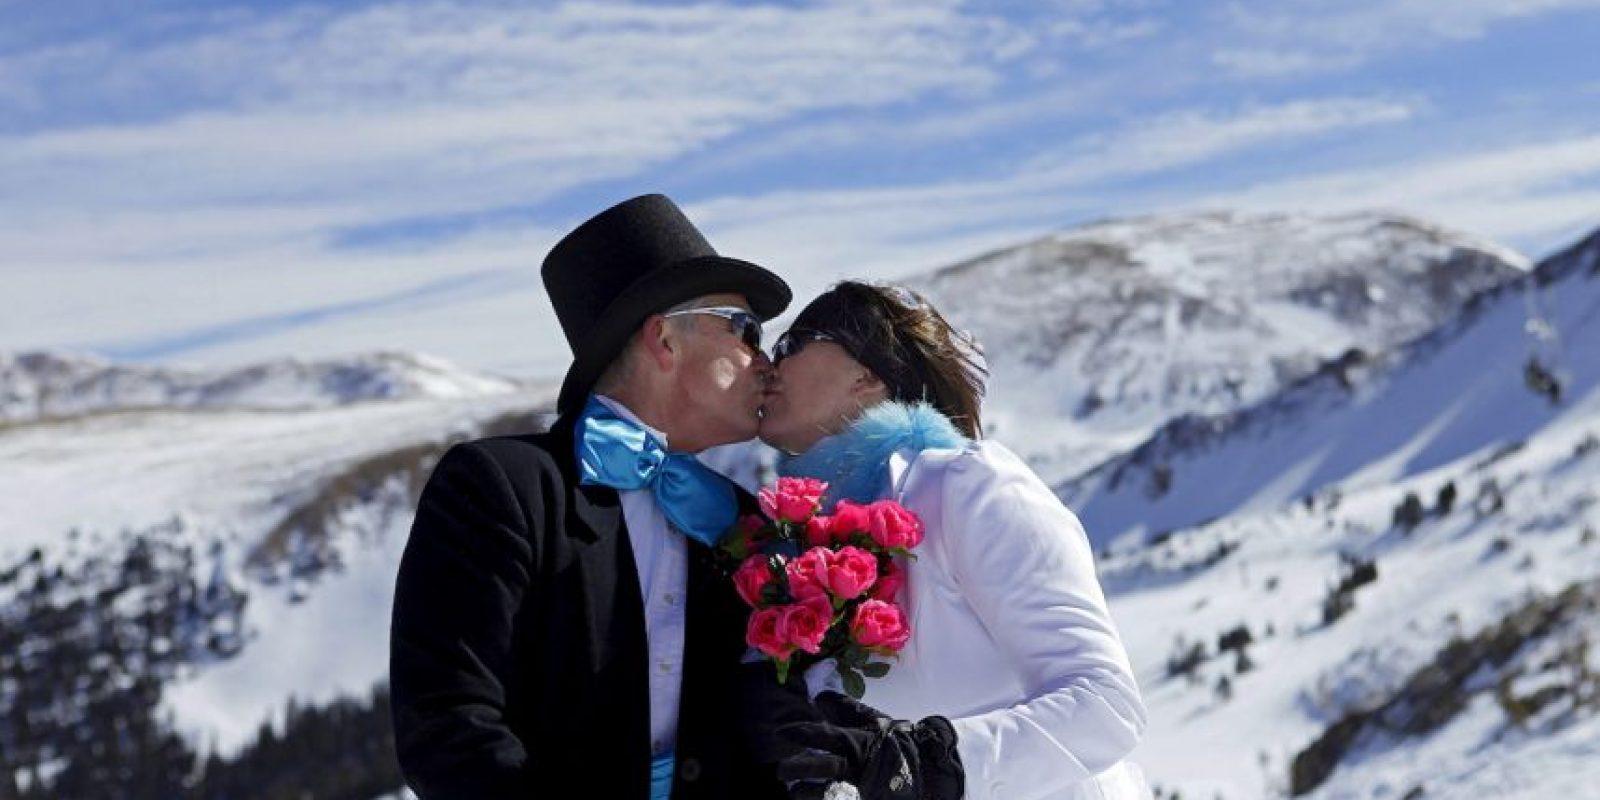 A las parejas felices les gusta y disfrutan verse juntos en público, suelen darse la mano, abrazarse o mostrar otro tipo de conexión amorosa. Foto:Getty Images